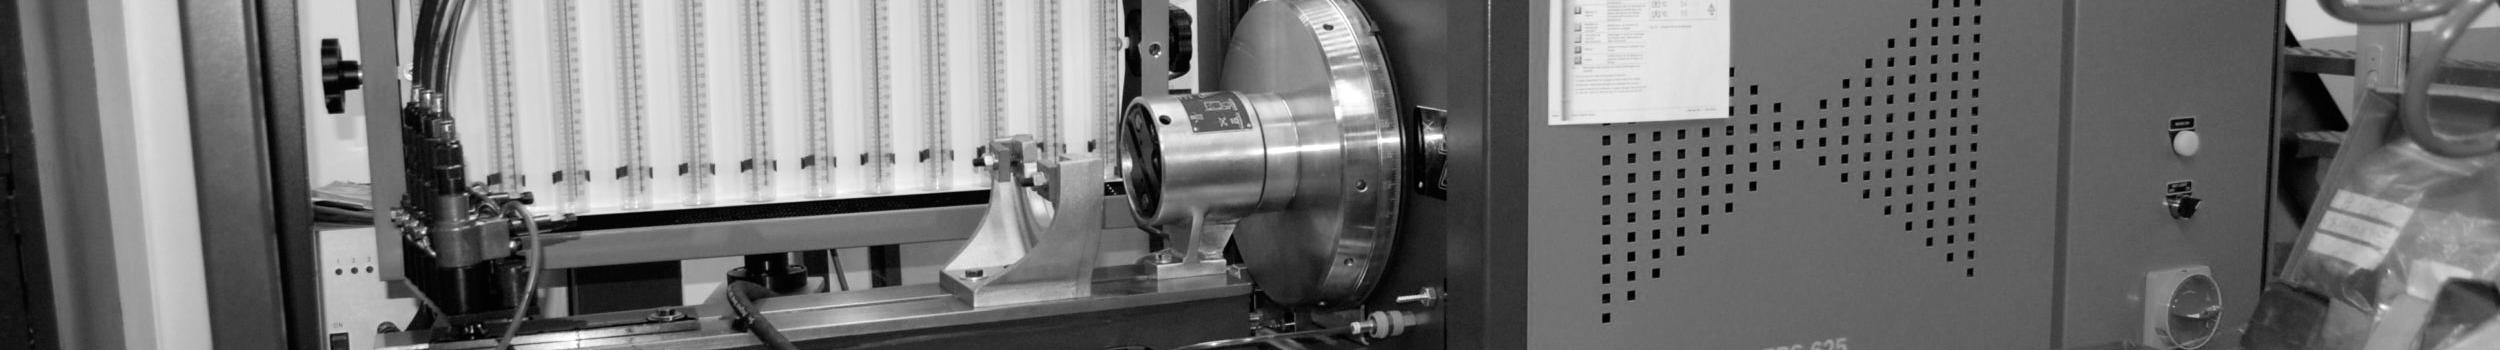 laboratoire diesel équipé de banc de test injection diesel et essence